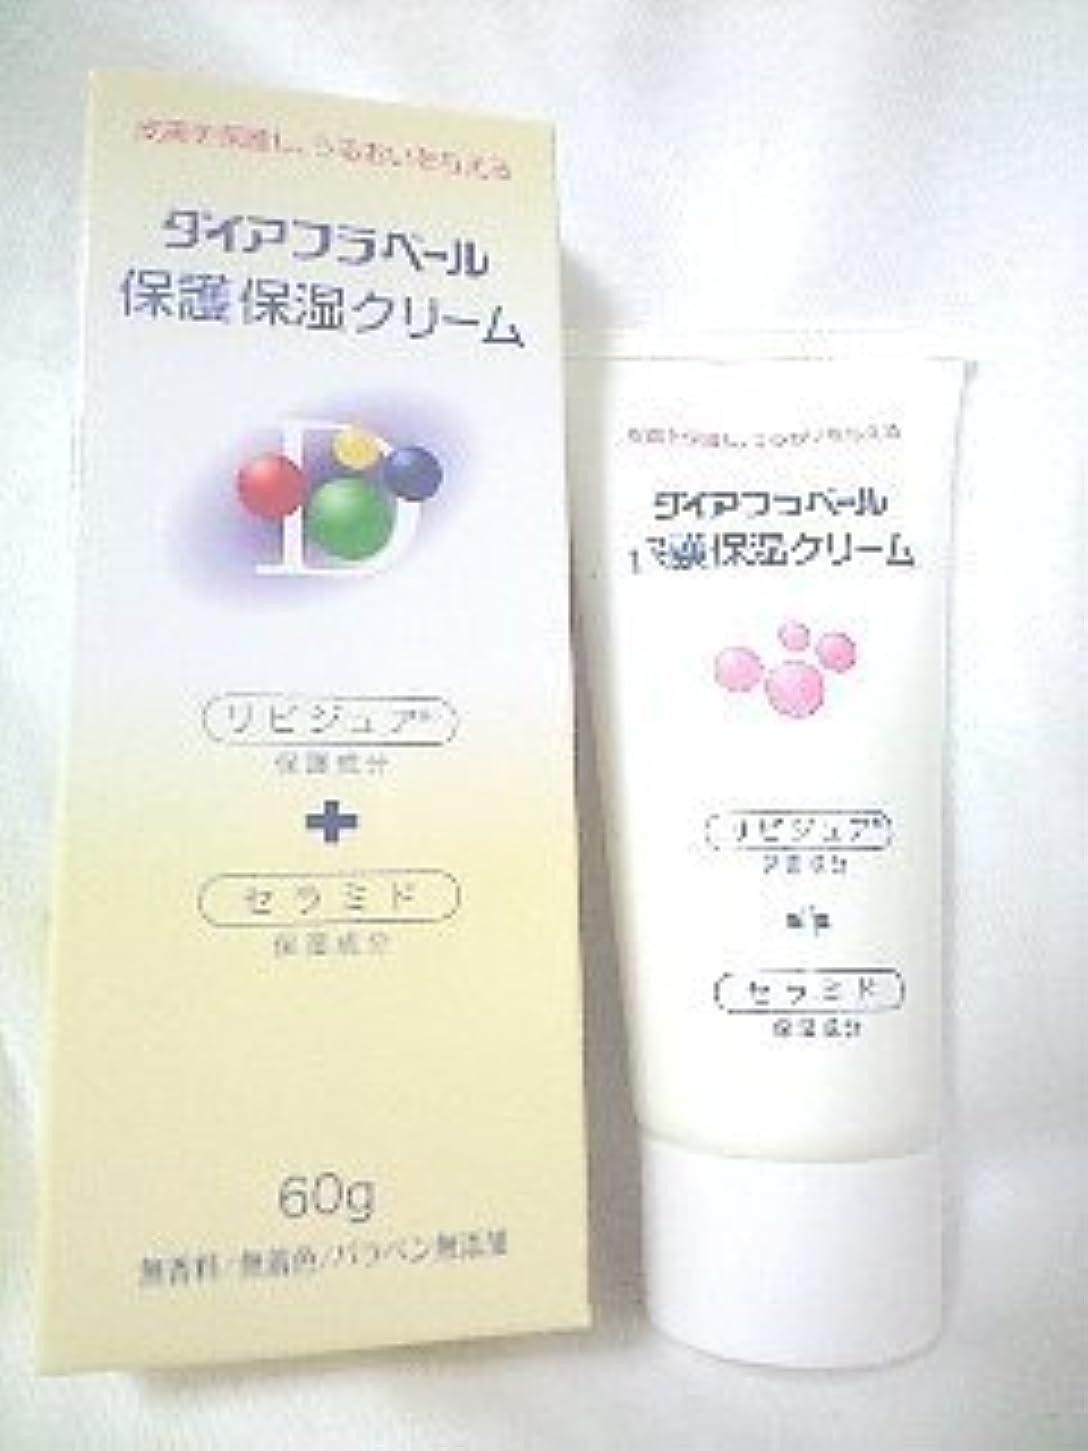 パーツラッシュレザーダイアフラベール 保護保湿クリームクリーム 60g×(10セット)